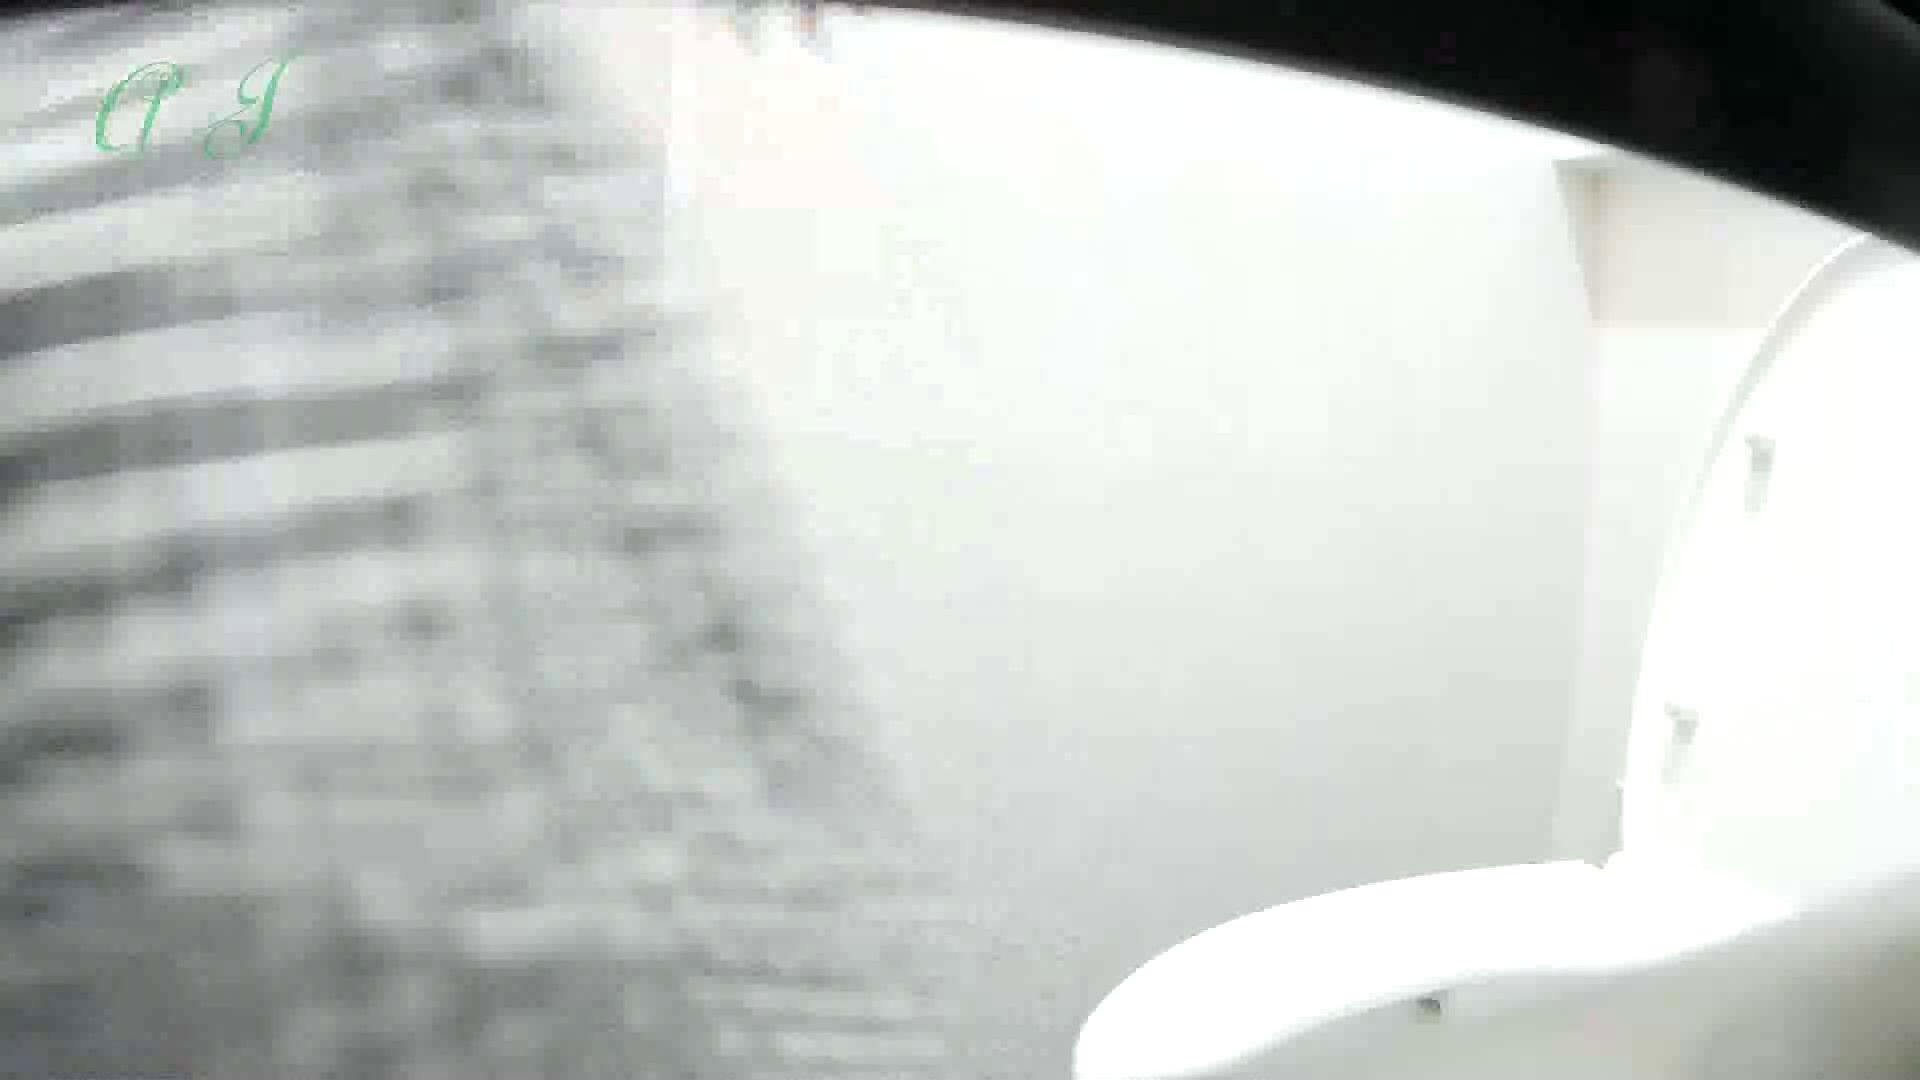 有名大学女性洗面所 vol.67トイレの女神さま♪ 和式 オメコ動画キャプチャ 89PIX 74